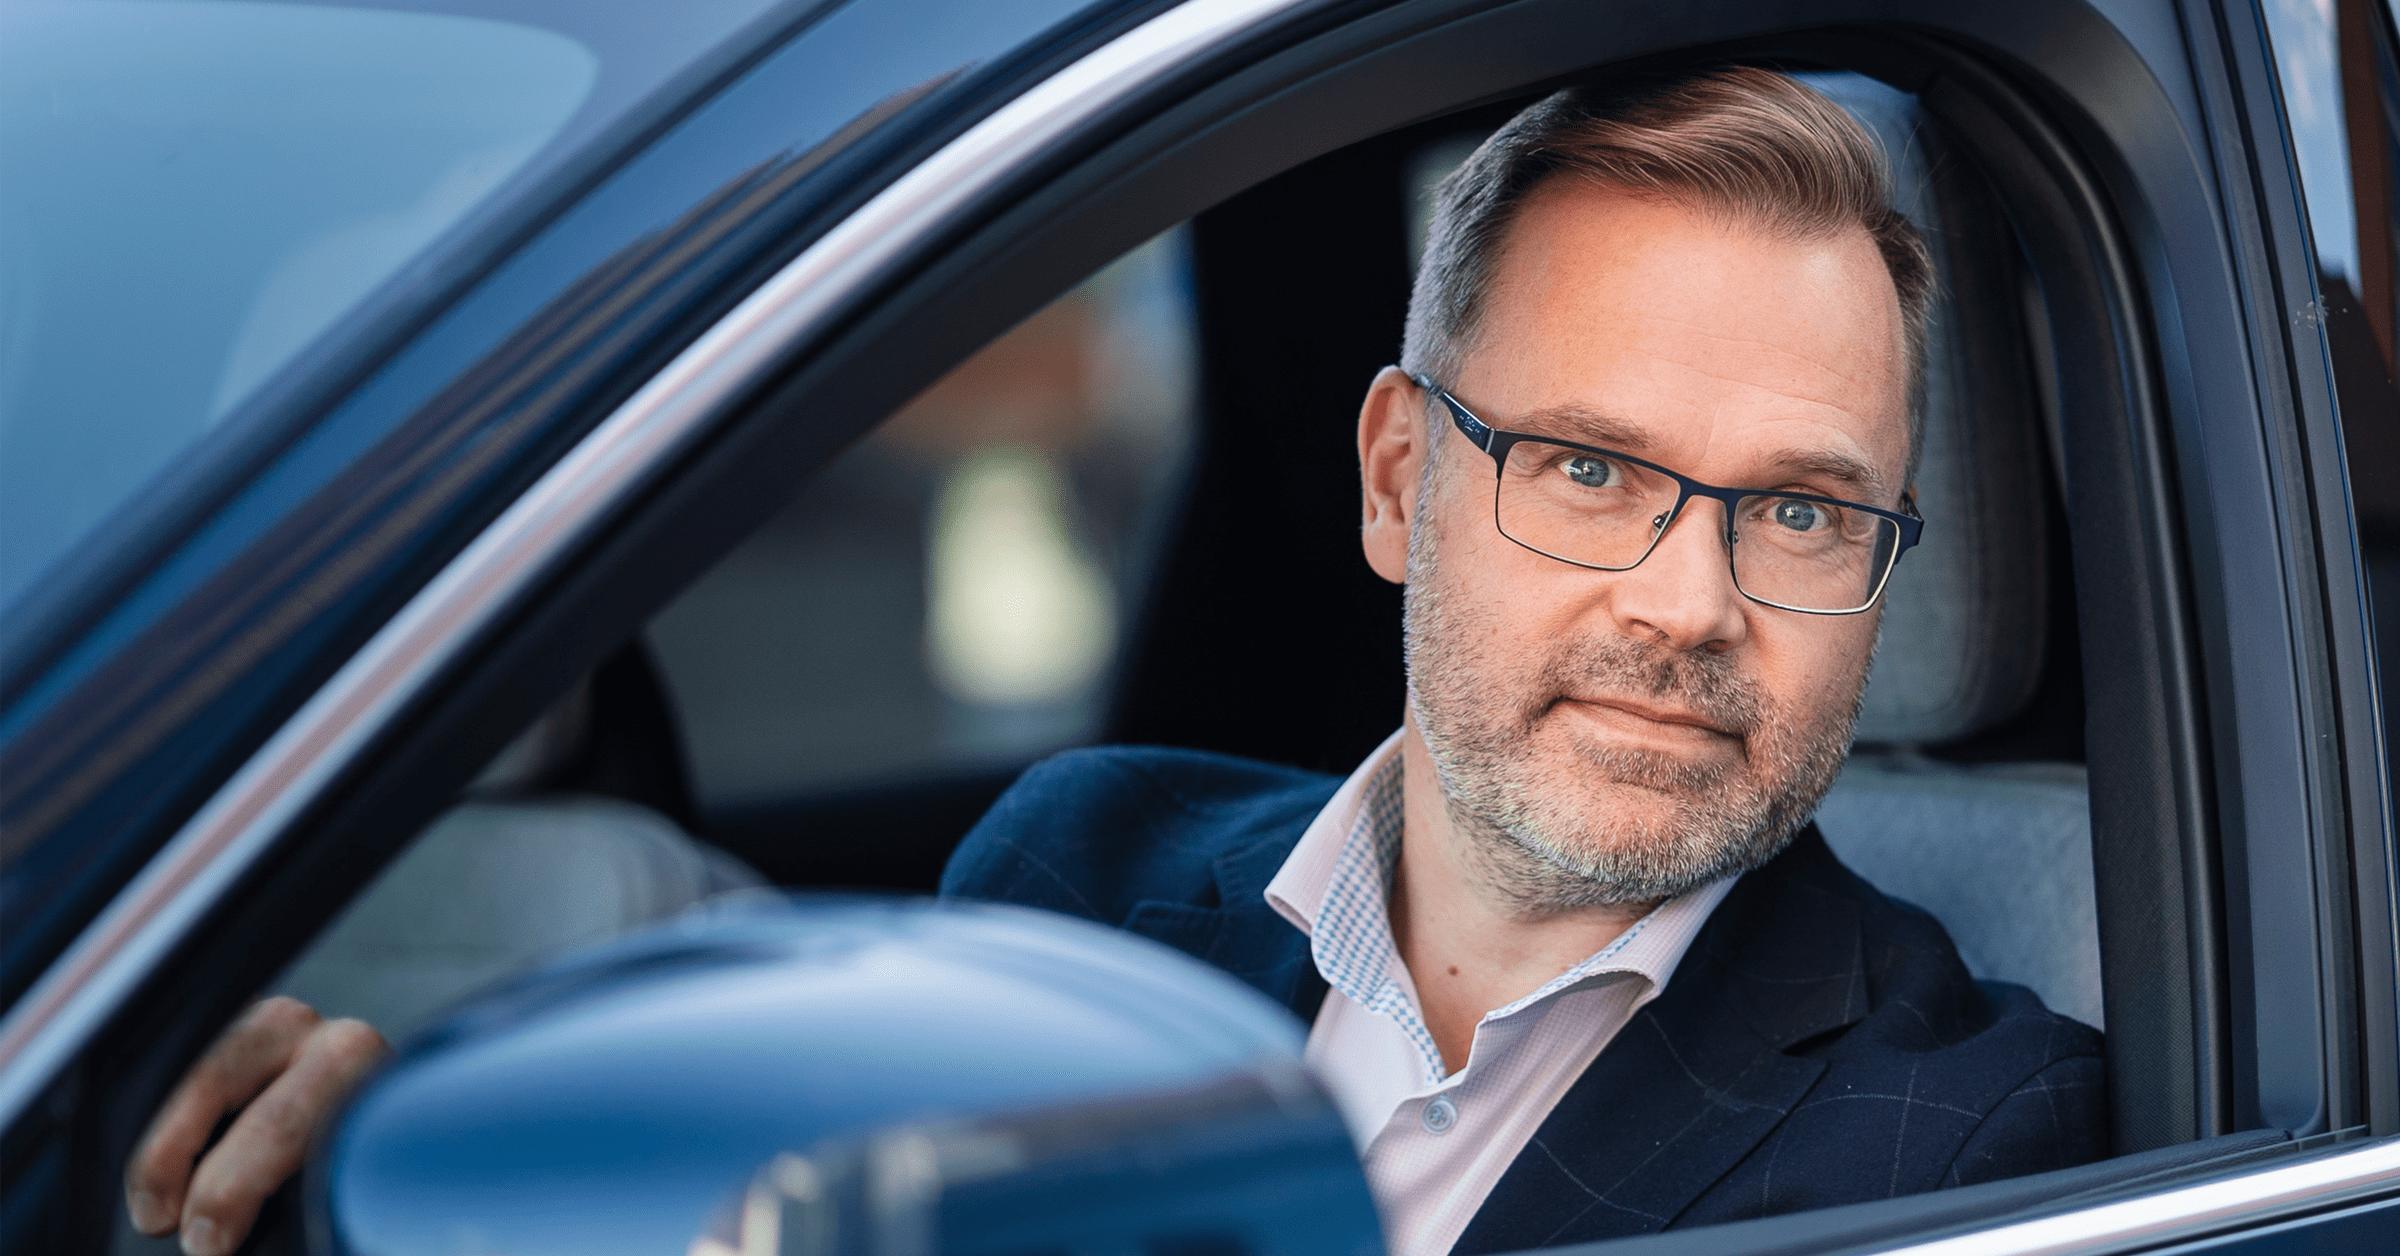 fleet-innovation-ilta-sanomat-sakari-viitanen-min